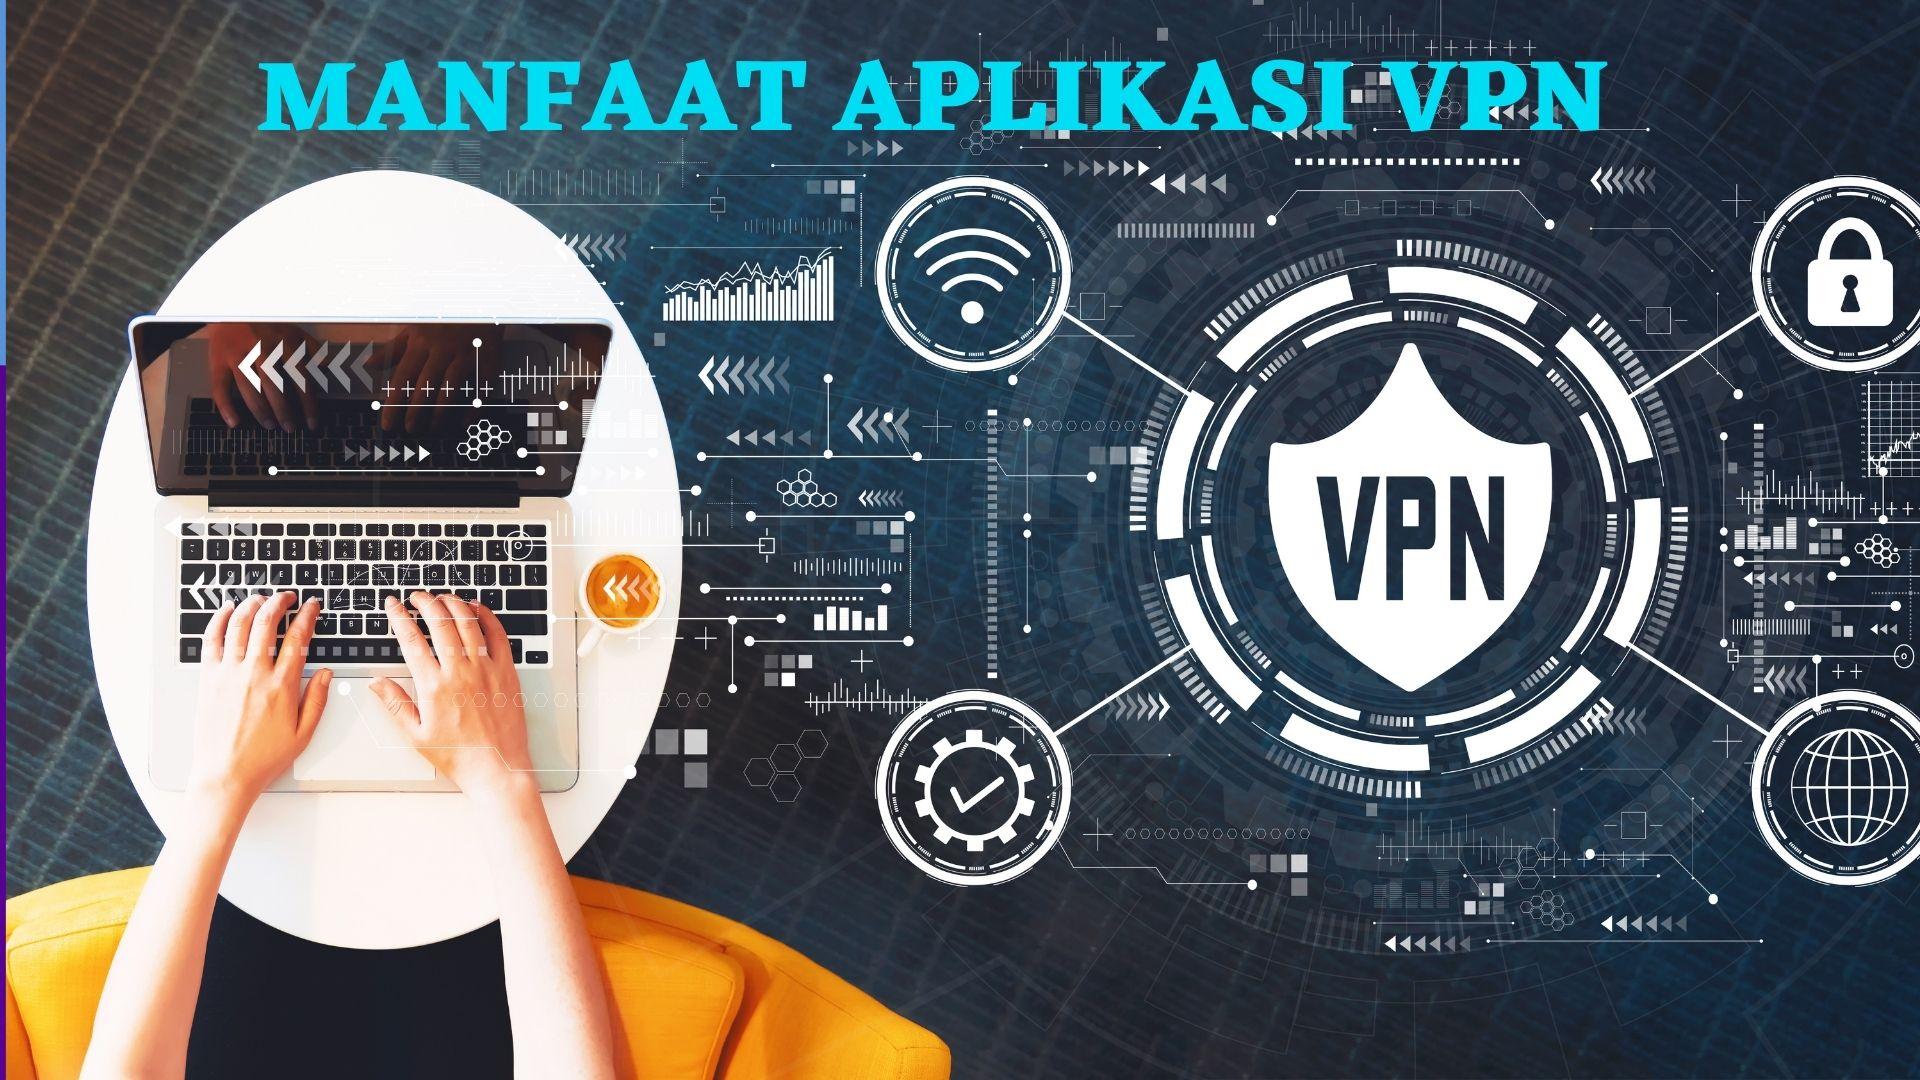 Manfaat Aplikasi VPN yang Sangat Penting untuk Diketahui